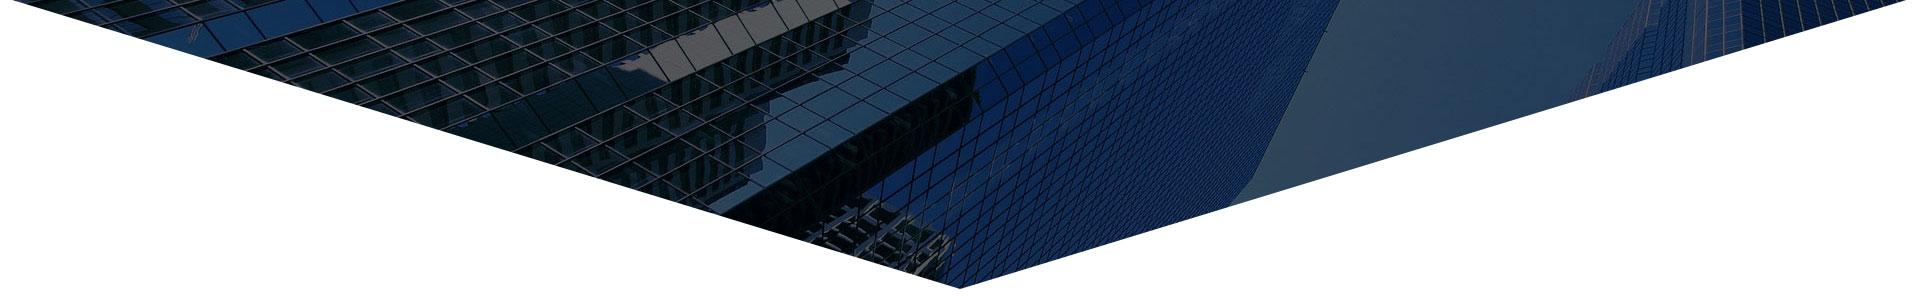 قسمتی از یک برج شیشه ای- آژانس دیجیتال کربن- تبلیغات دیجیتال- تبلیغات